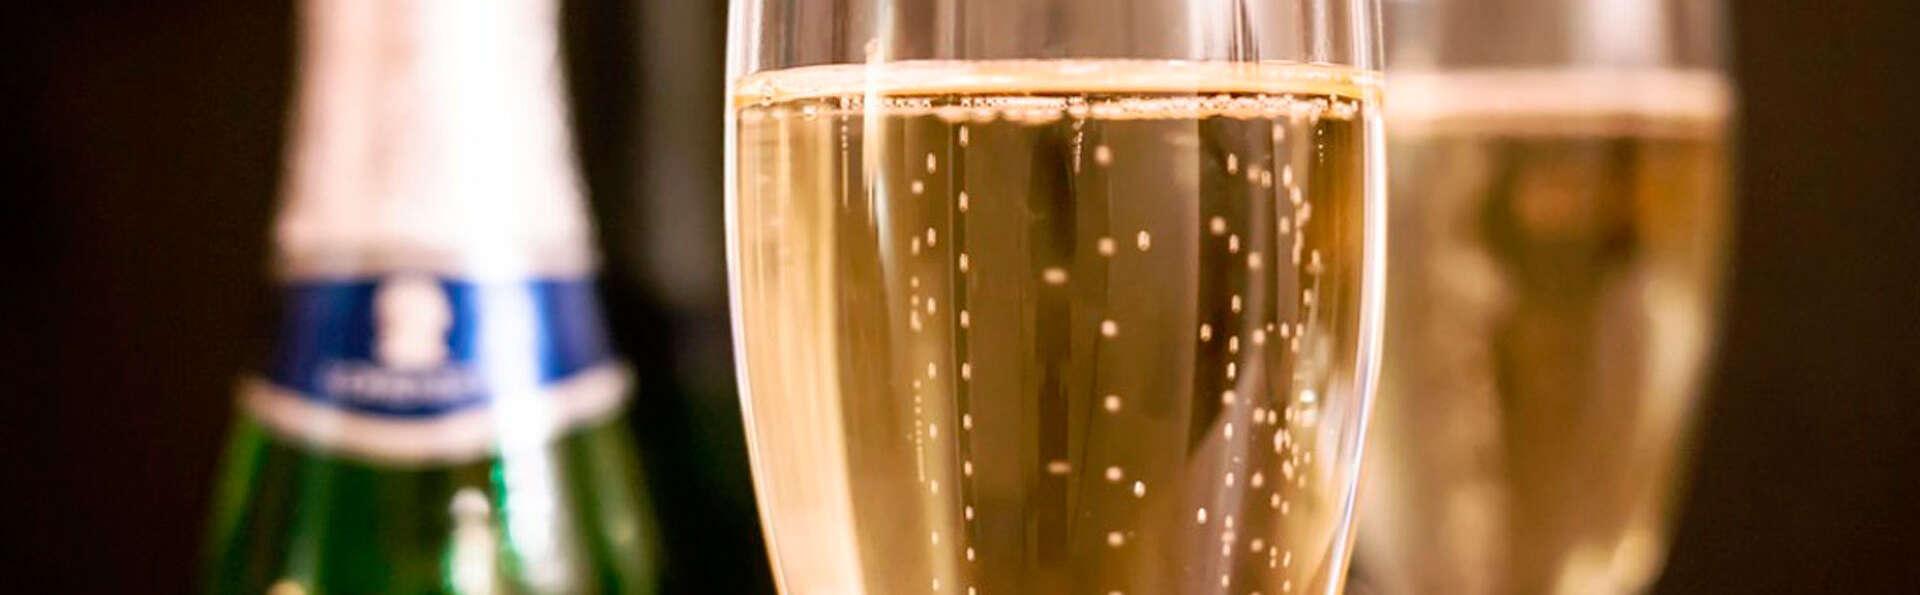 Week end romantique avec demi bouteille de champagne à Nîmes